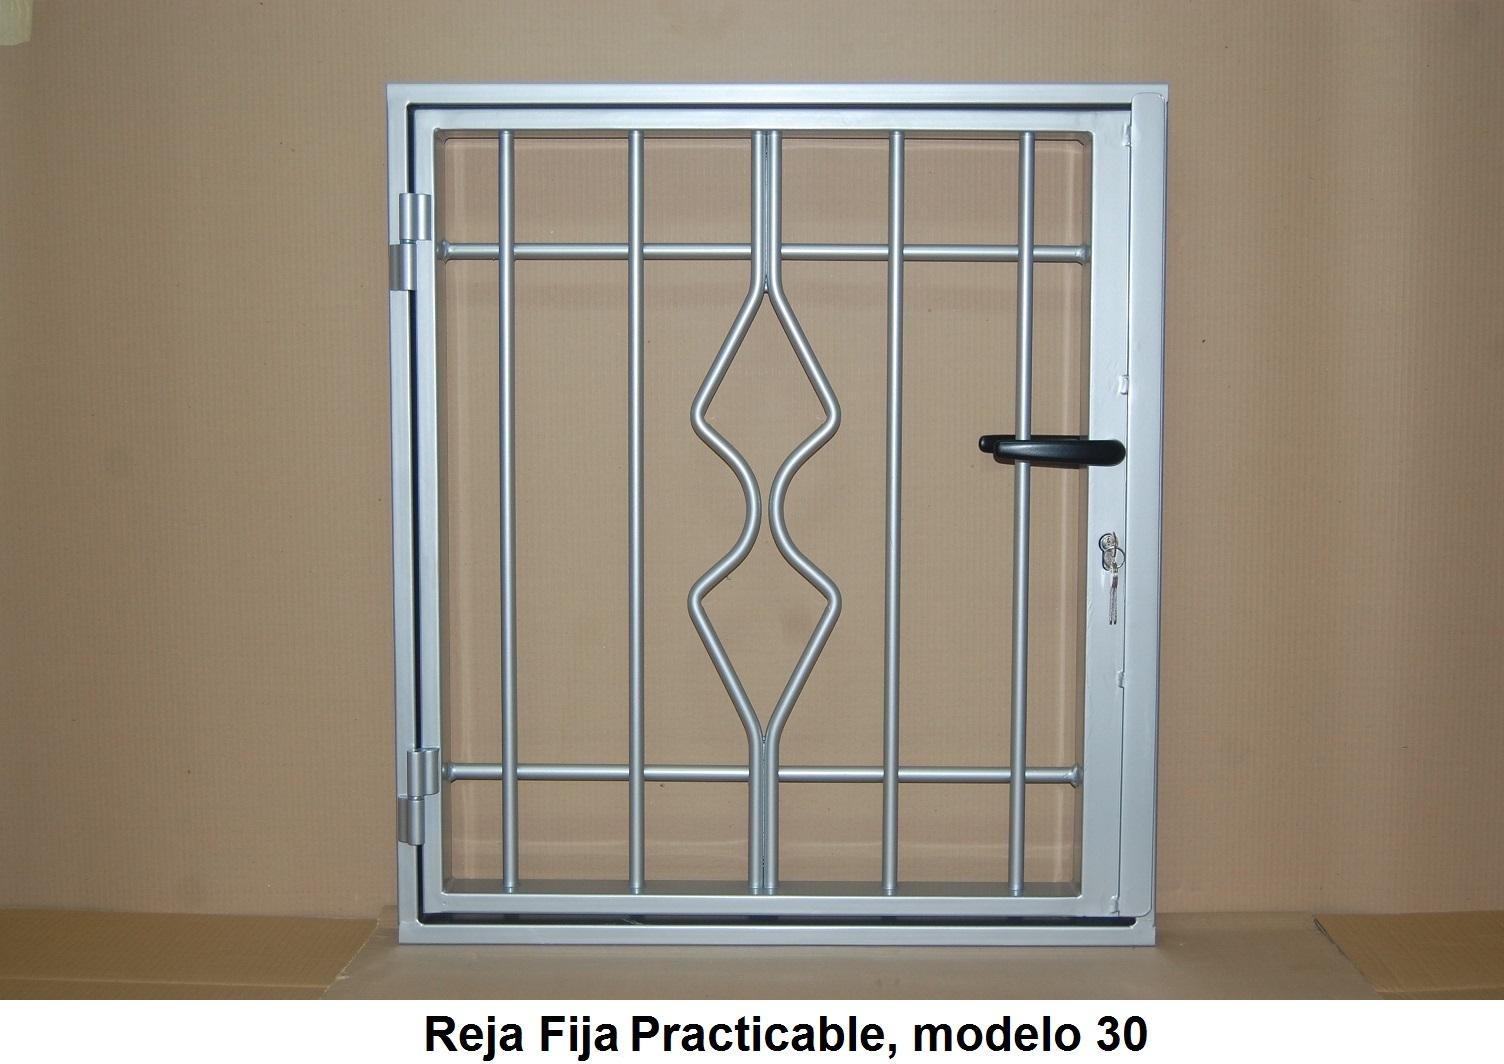 Rejas para ventanas Barcelona - Instalación, Reparación, Venta ...